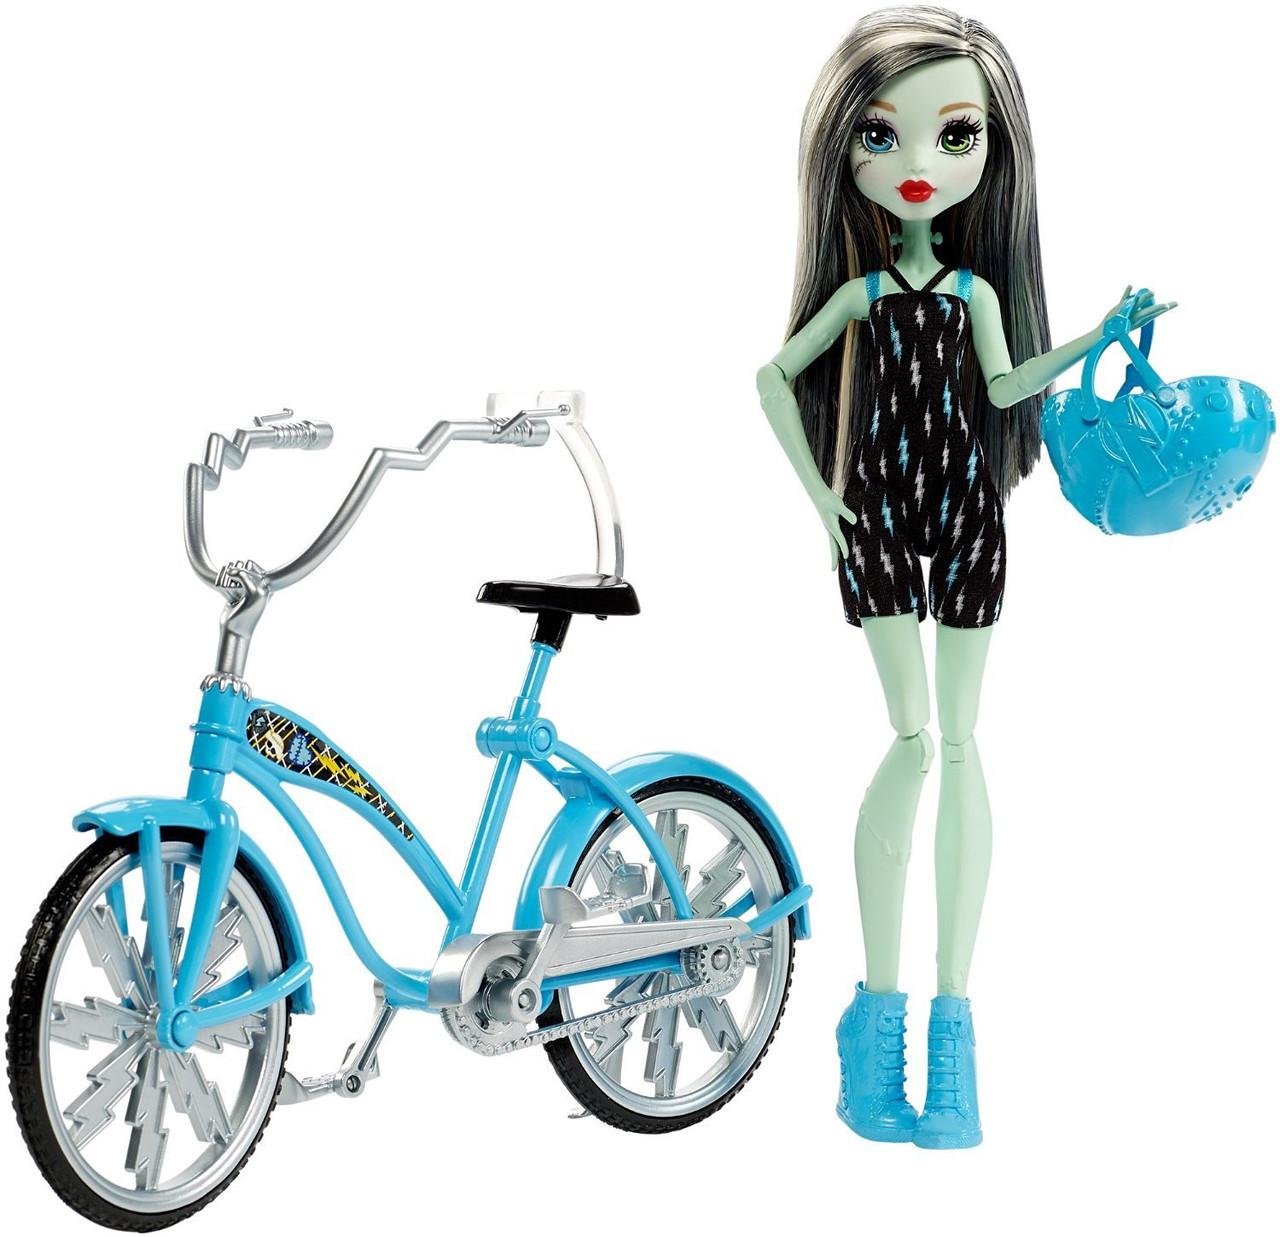 Набор Monster High Boltin' Bicycle Frankie Stein Doll & Vehicle  Фрэнки Штейн и велосипед  Эвер афтер хай